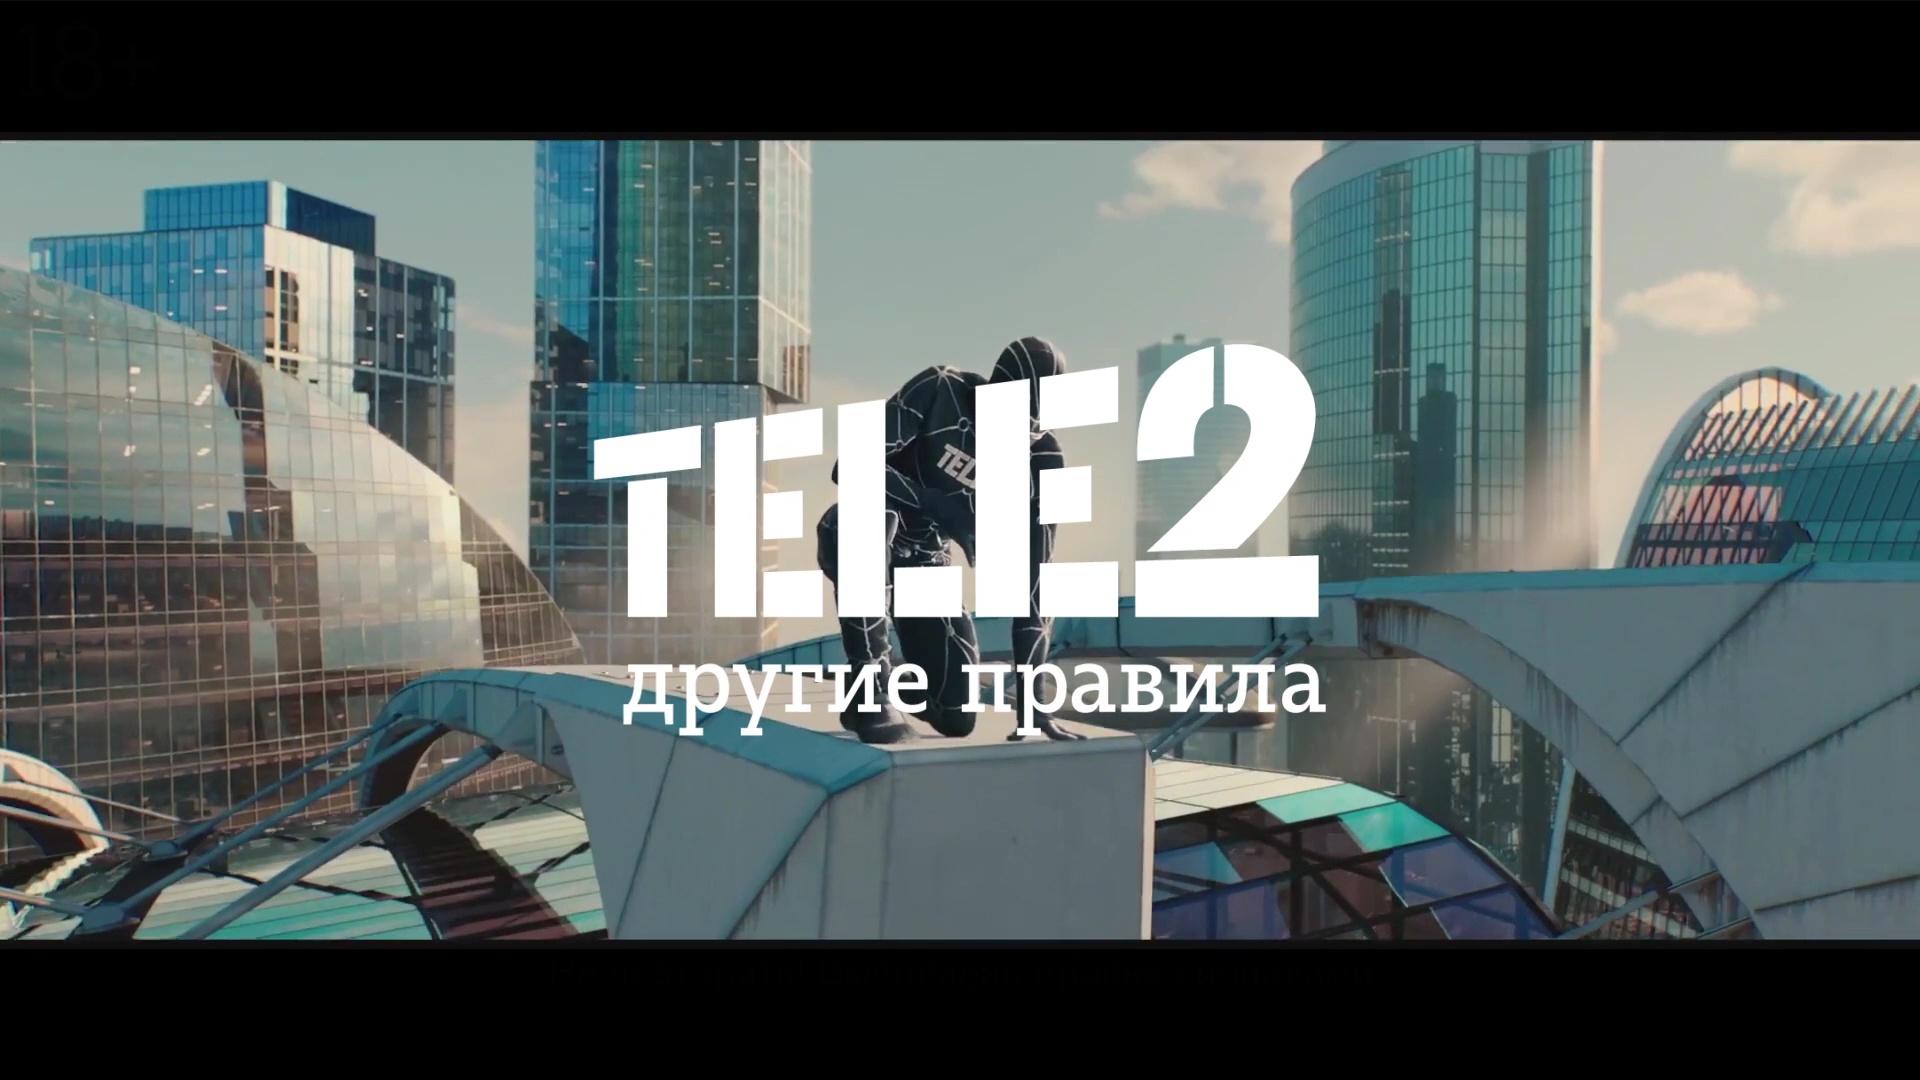 2019_ru_2019_1538_hero_1